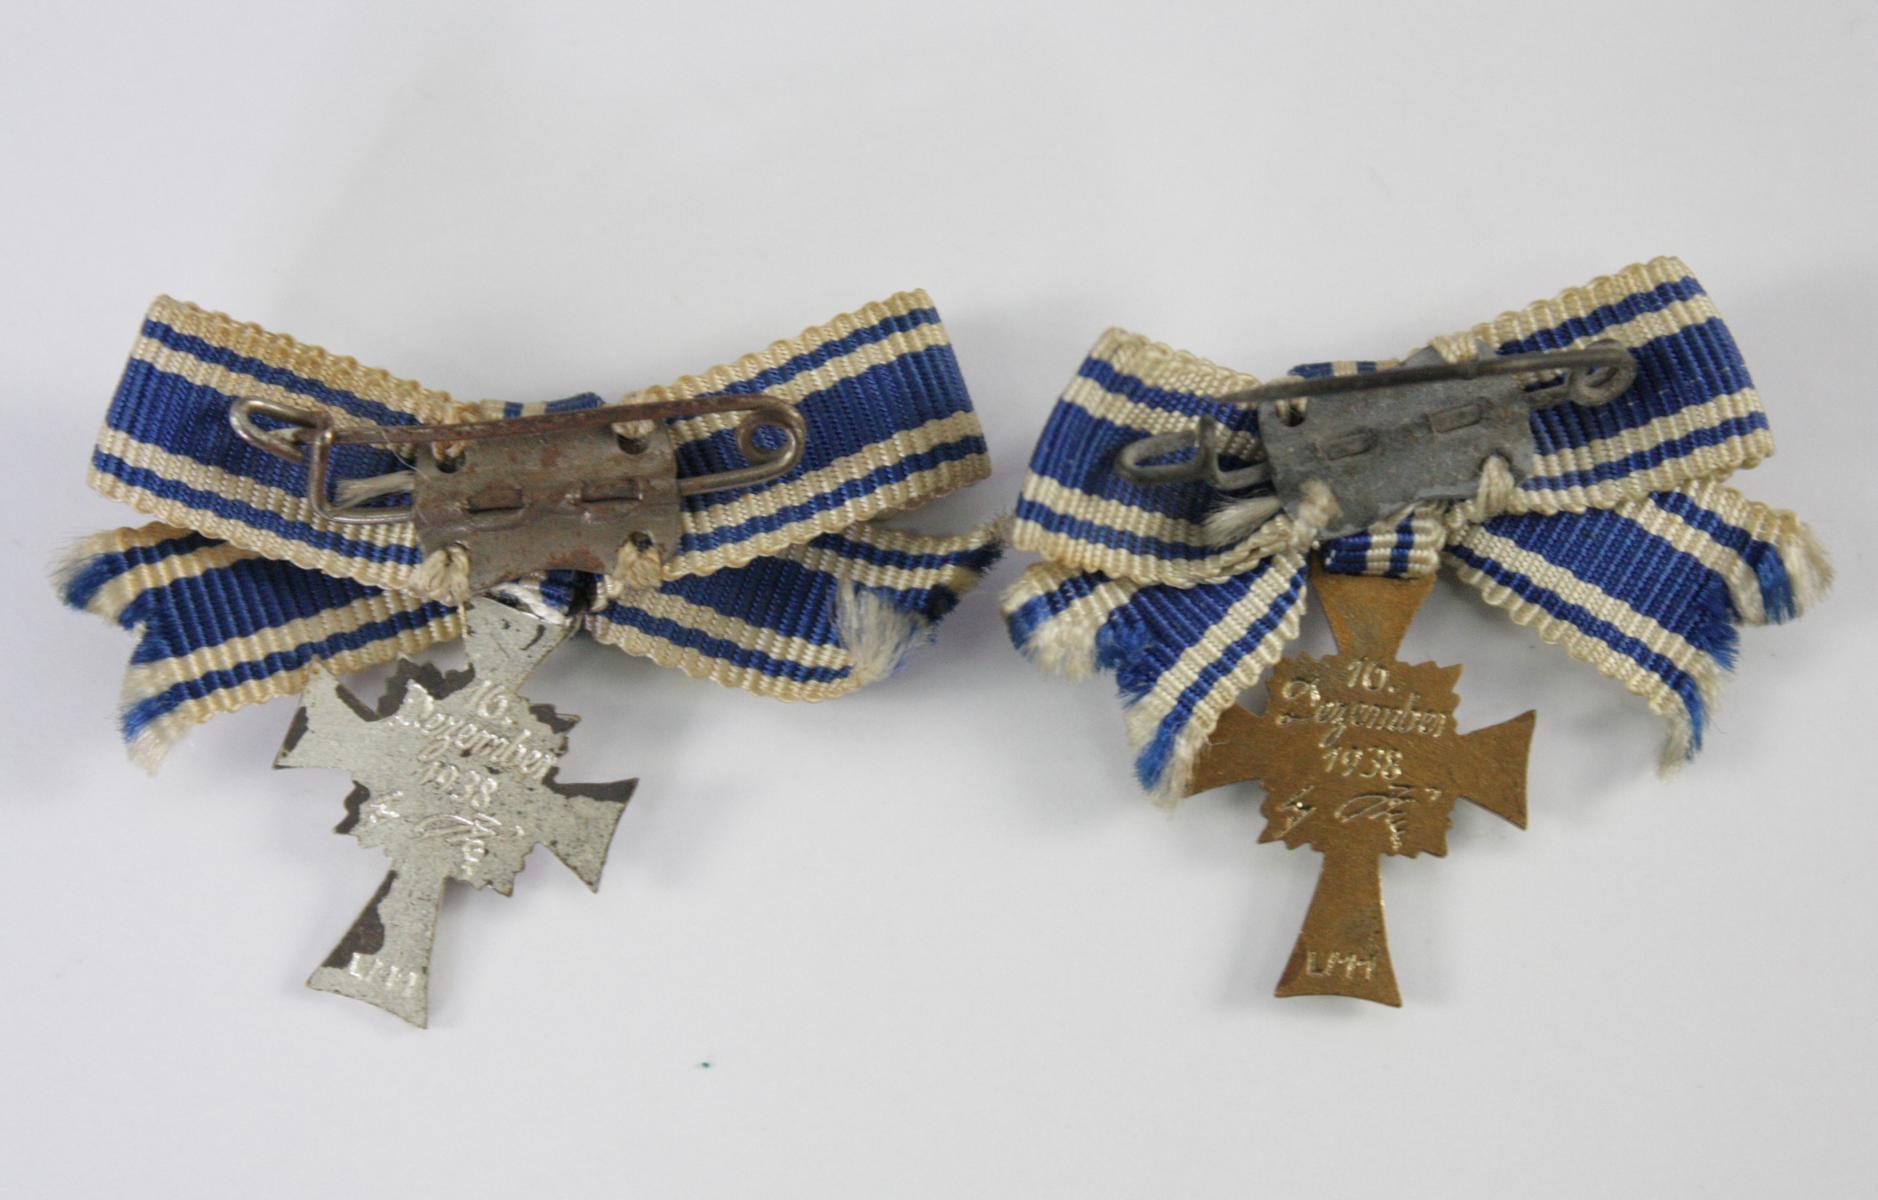 2 Miniaturen Mutterkreuz, Silber und Bronze-2